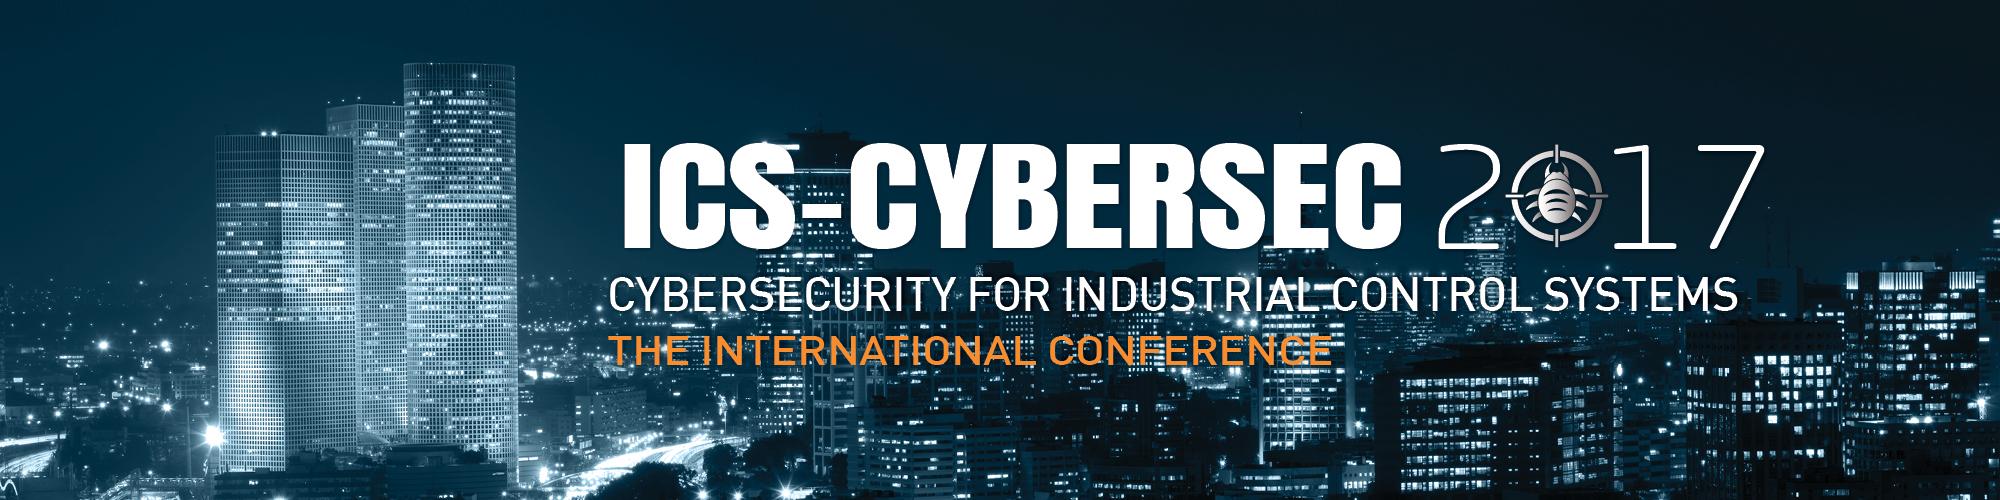 ICS CyberSec 2017 banner